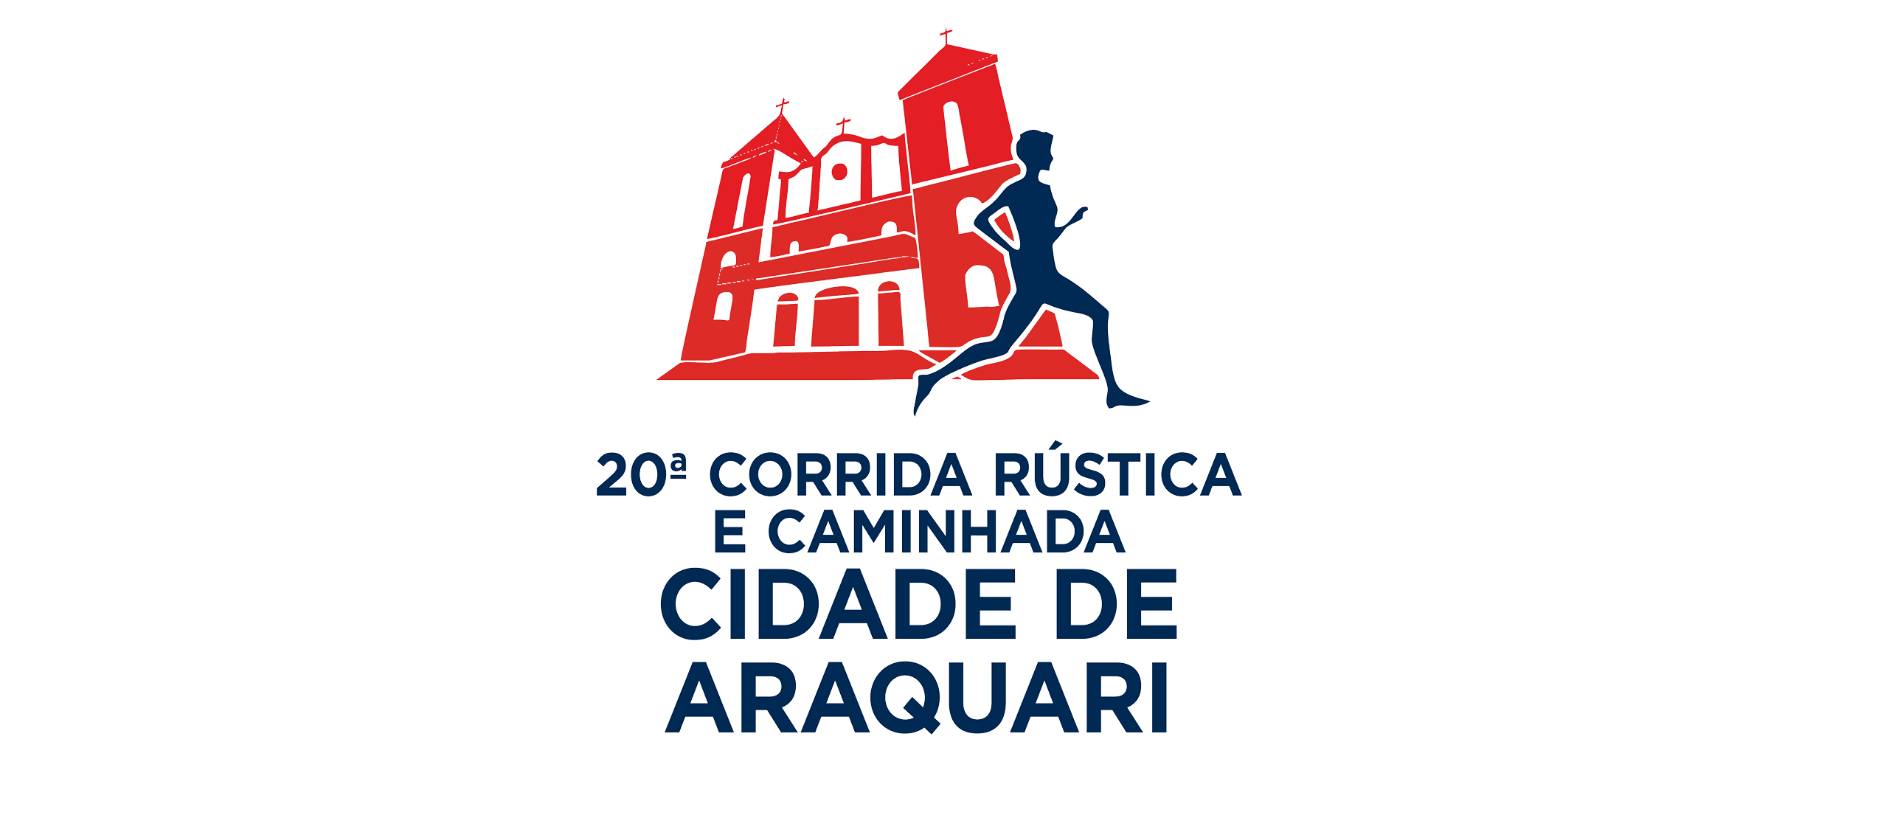 20ª CORRIDA RÚSTICA CIDADE DE ARAQUARI